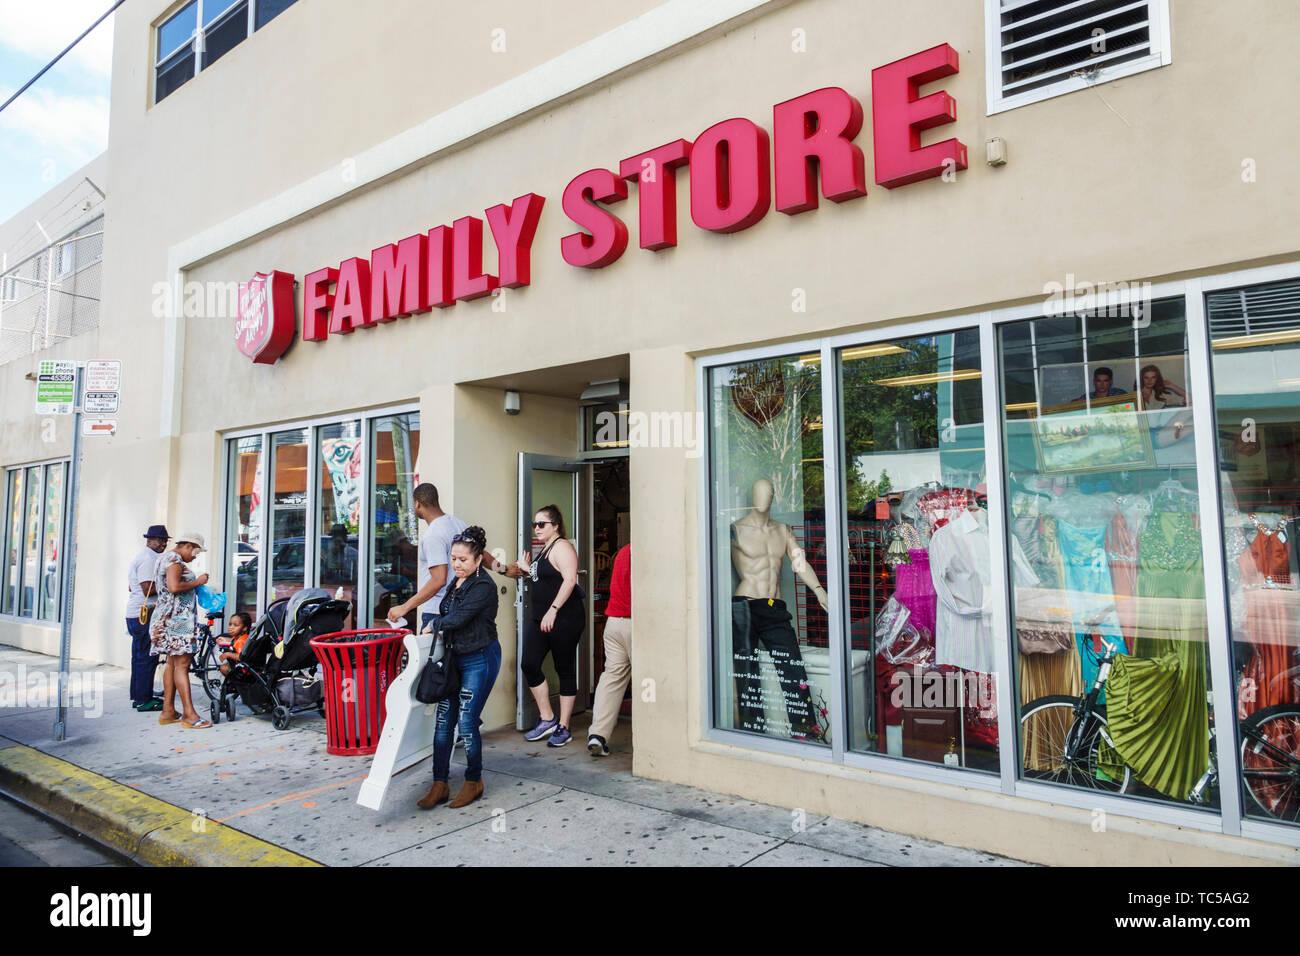 Miami Floride famille l'Armée du Salut offre des vêtements de seconde main meubles ménage articles à vendre dons Don shopping à faible revenu Photo Stock